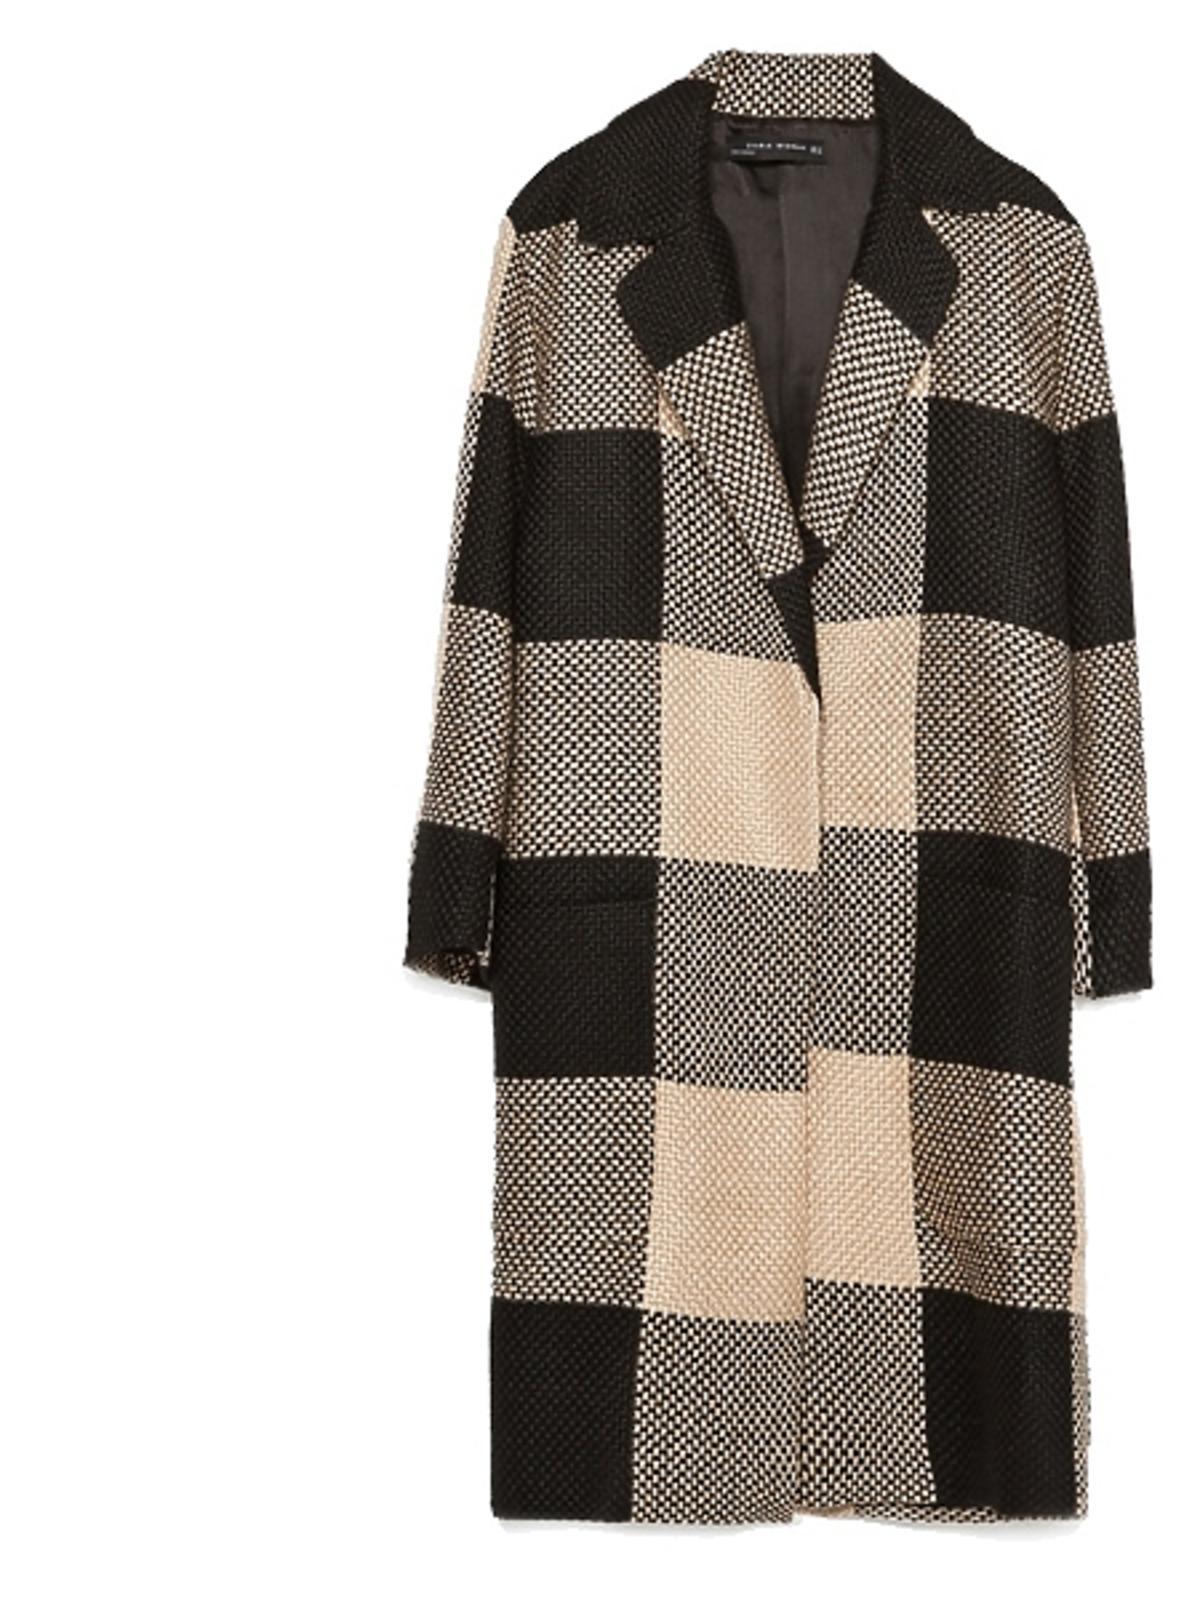 Płaszcz w kratę Zara, cena